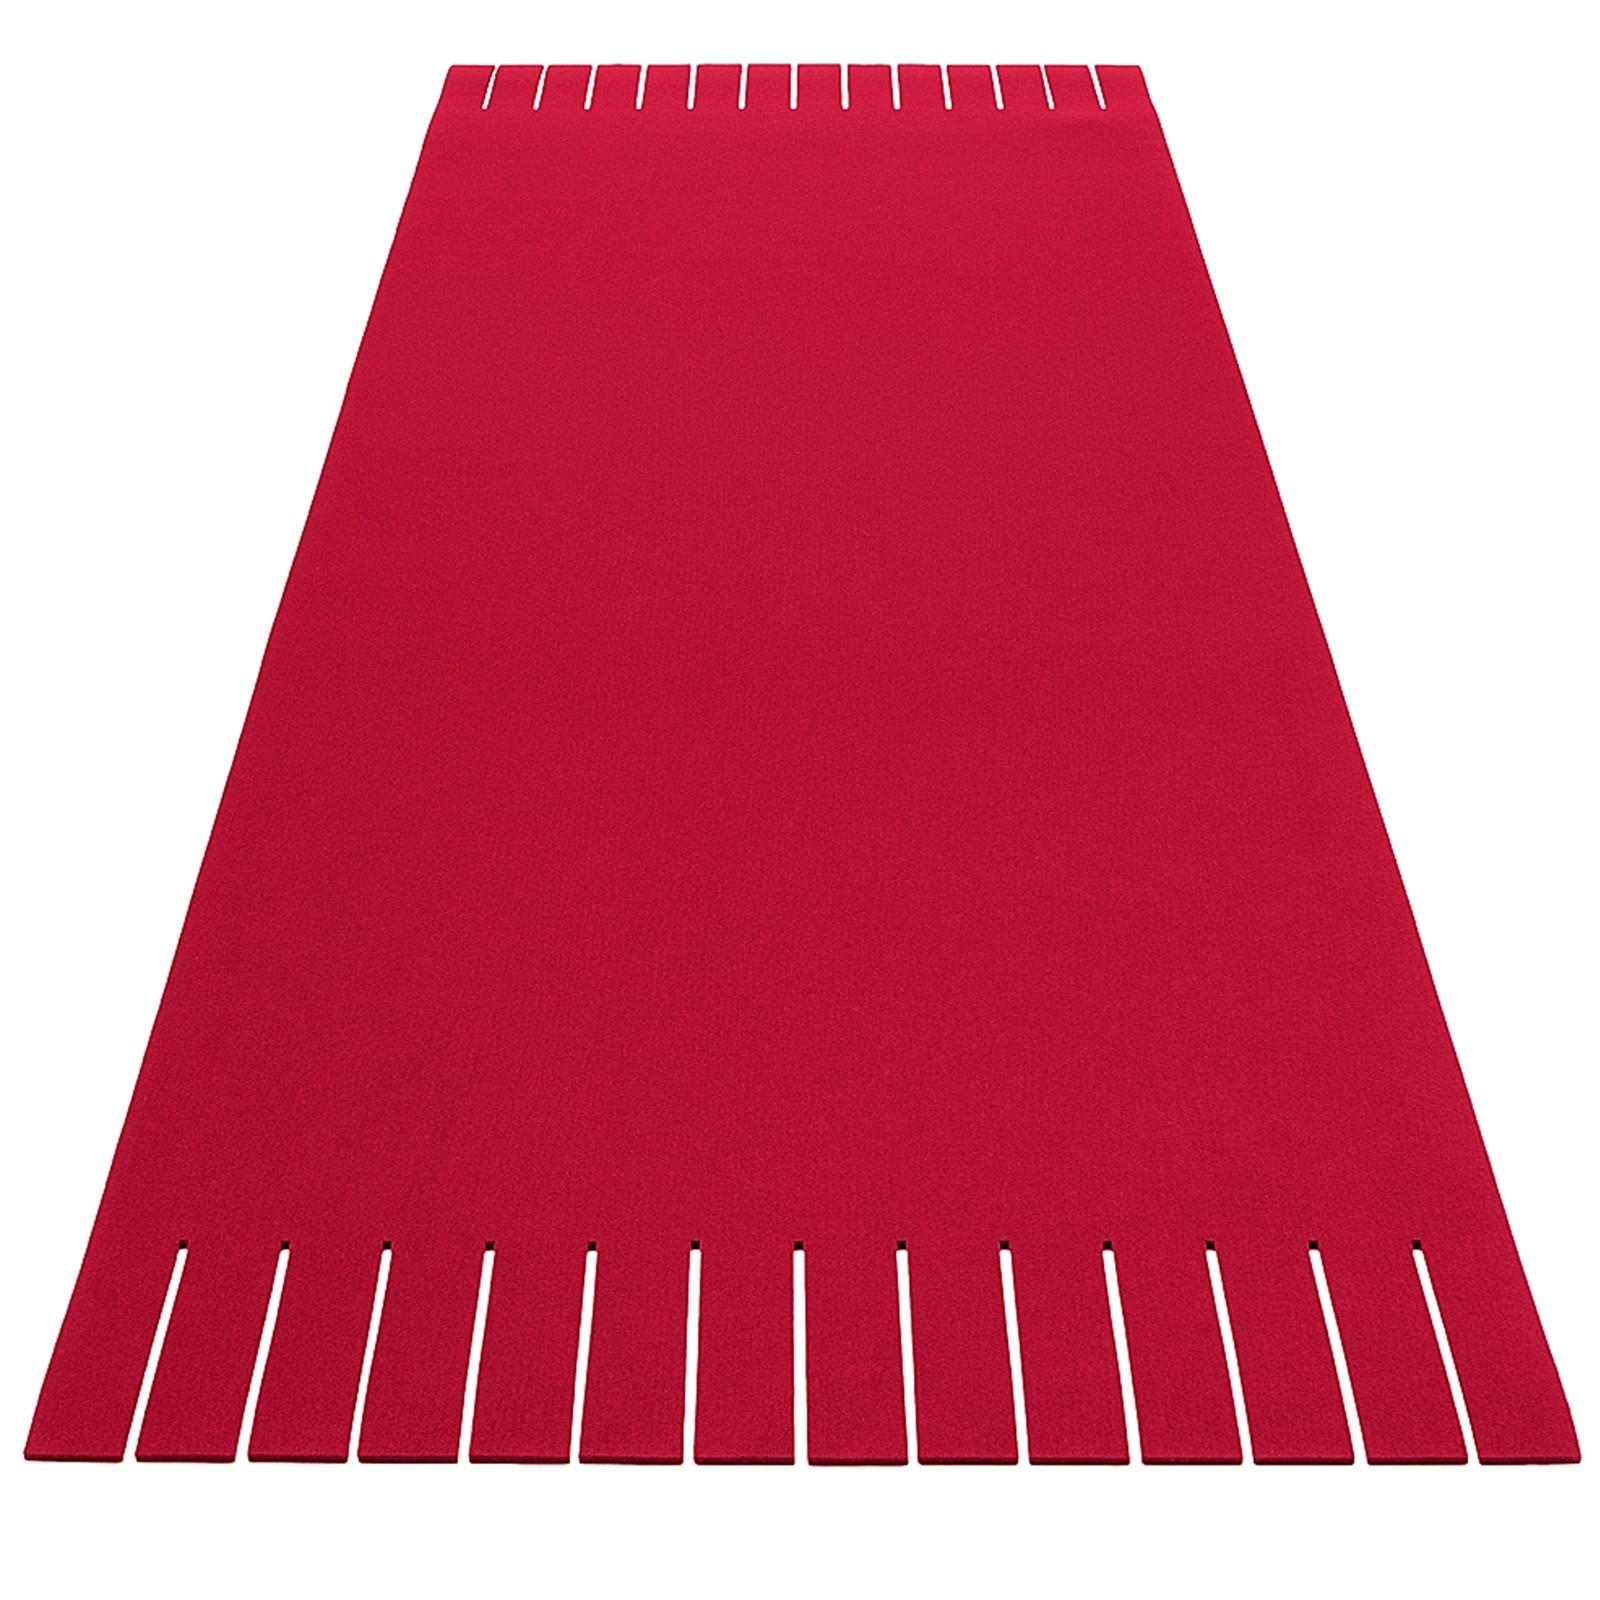 Teppich Filz rechteckig verschiedene Größen + Farben Hey